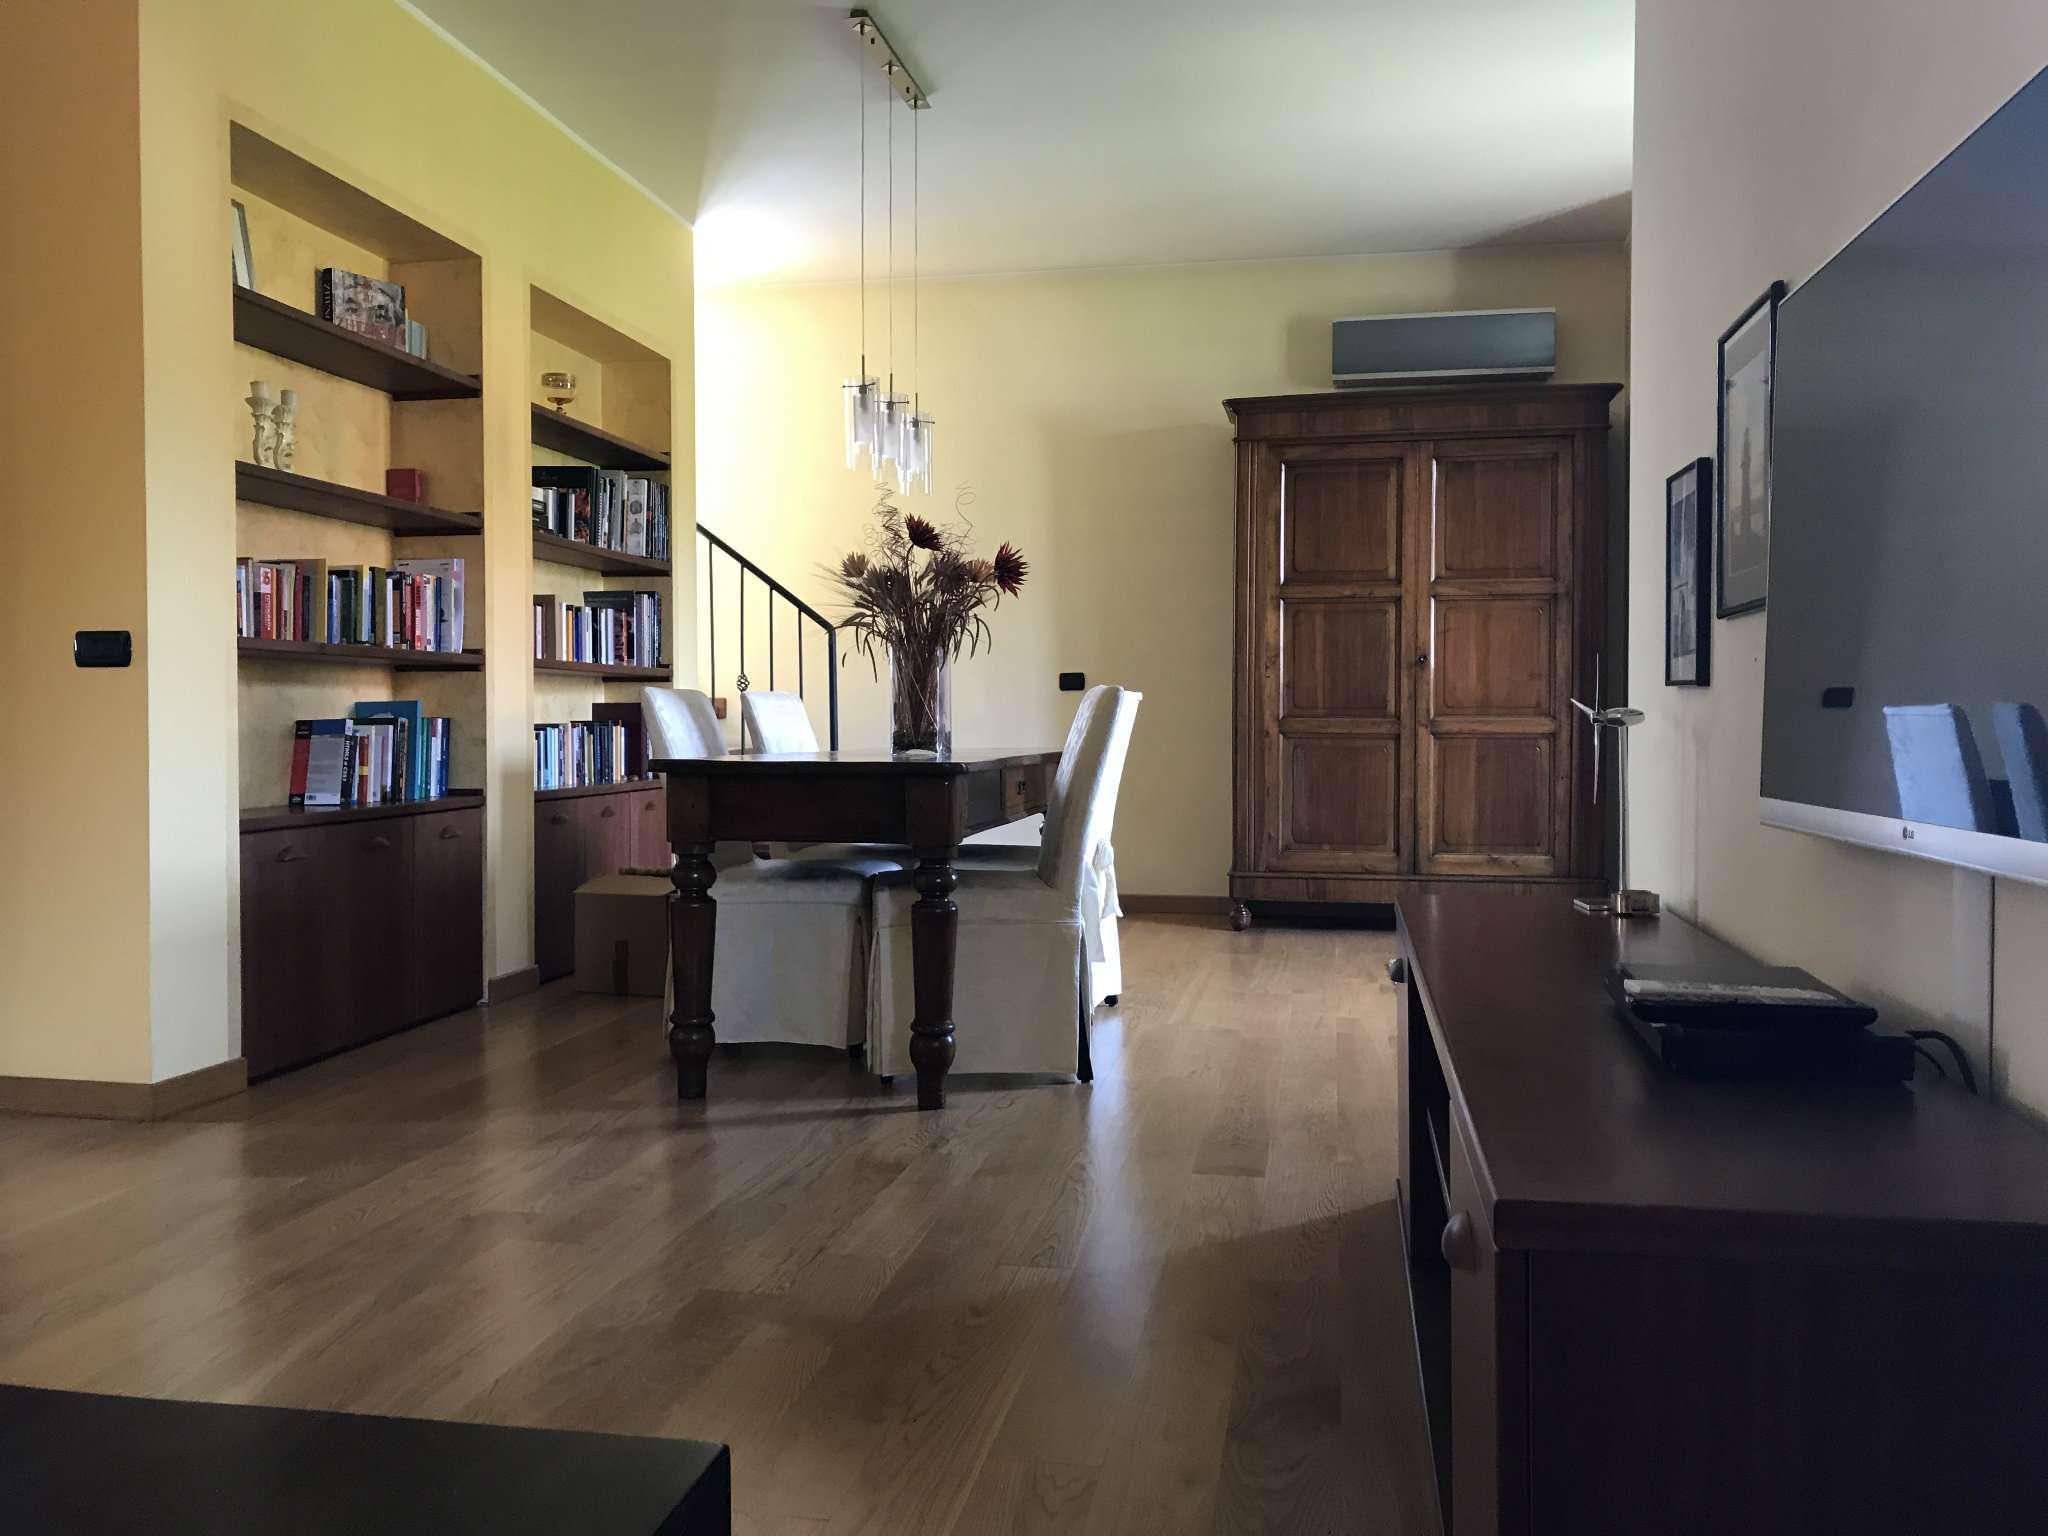 Villa in vendita a Gorgonzola, 5 locali, prezzo € 460.000 | CambioCasa.it